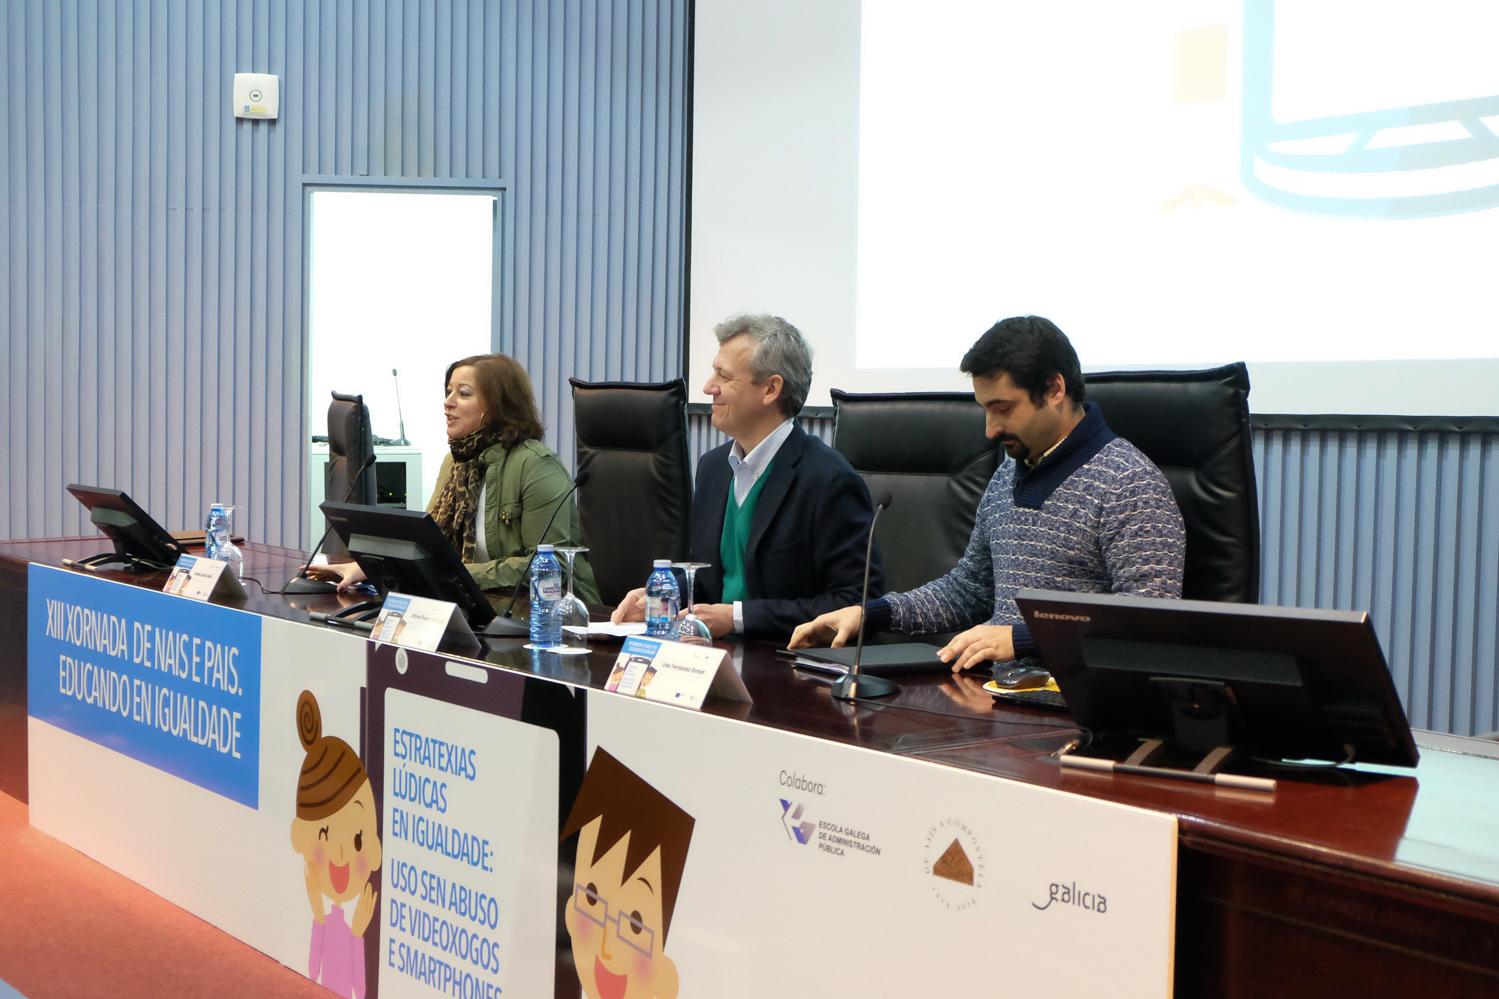 Urko Fernández, director de proyectos de PantallasAmigas, participó en la Jornada